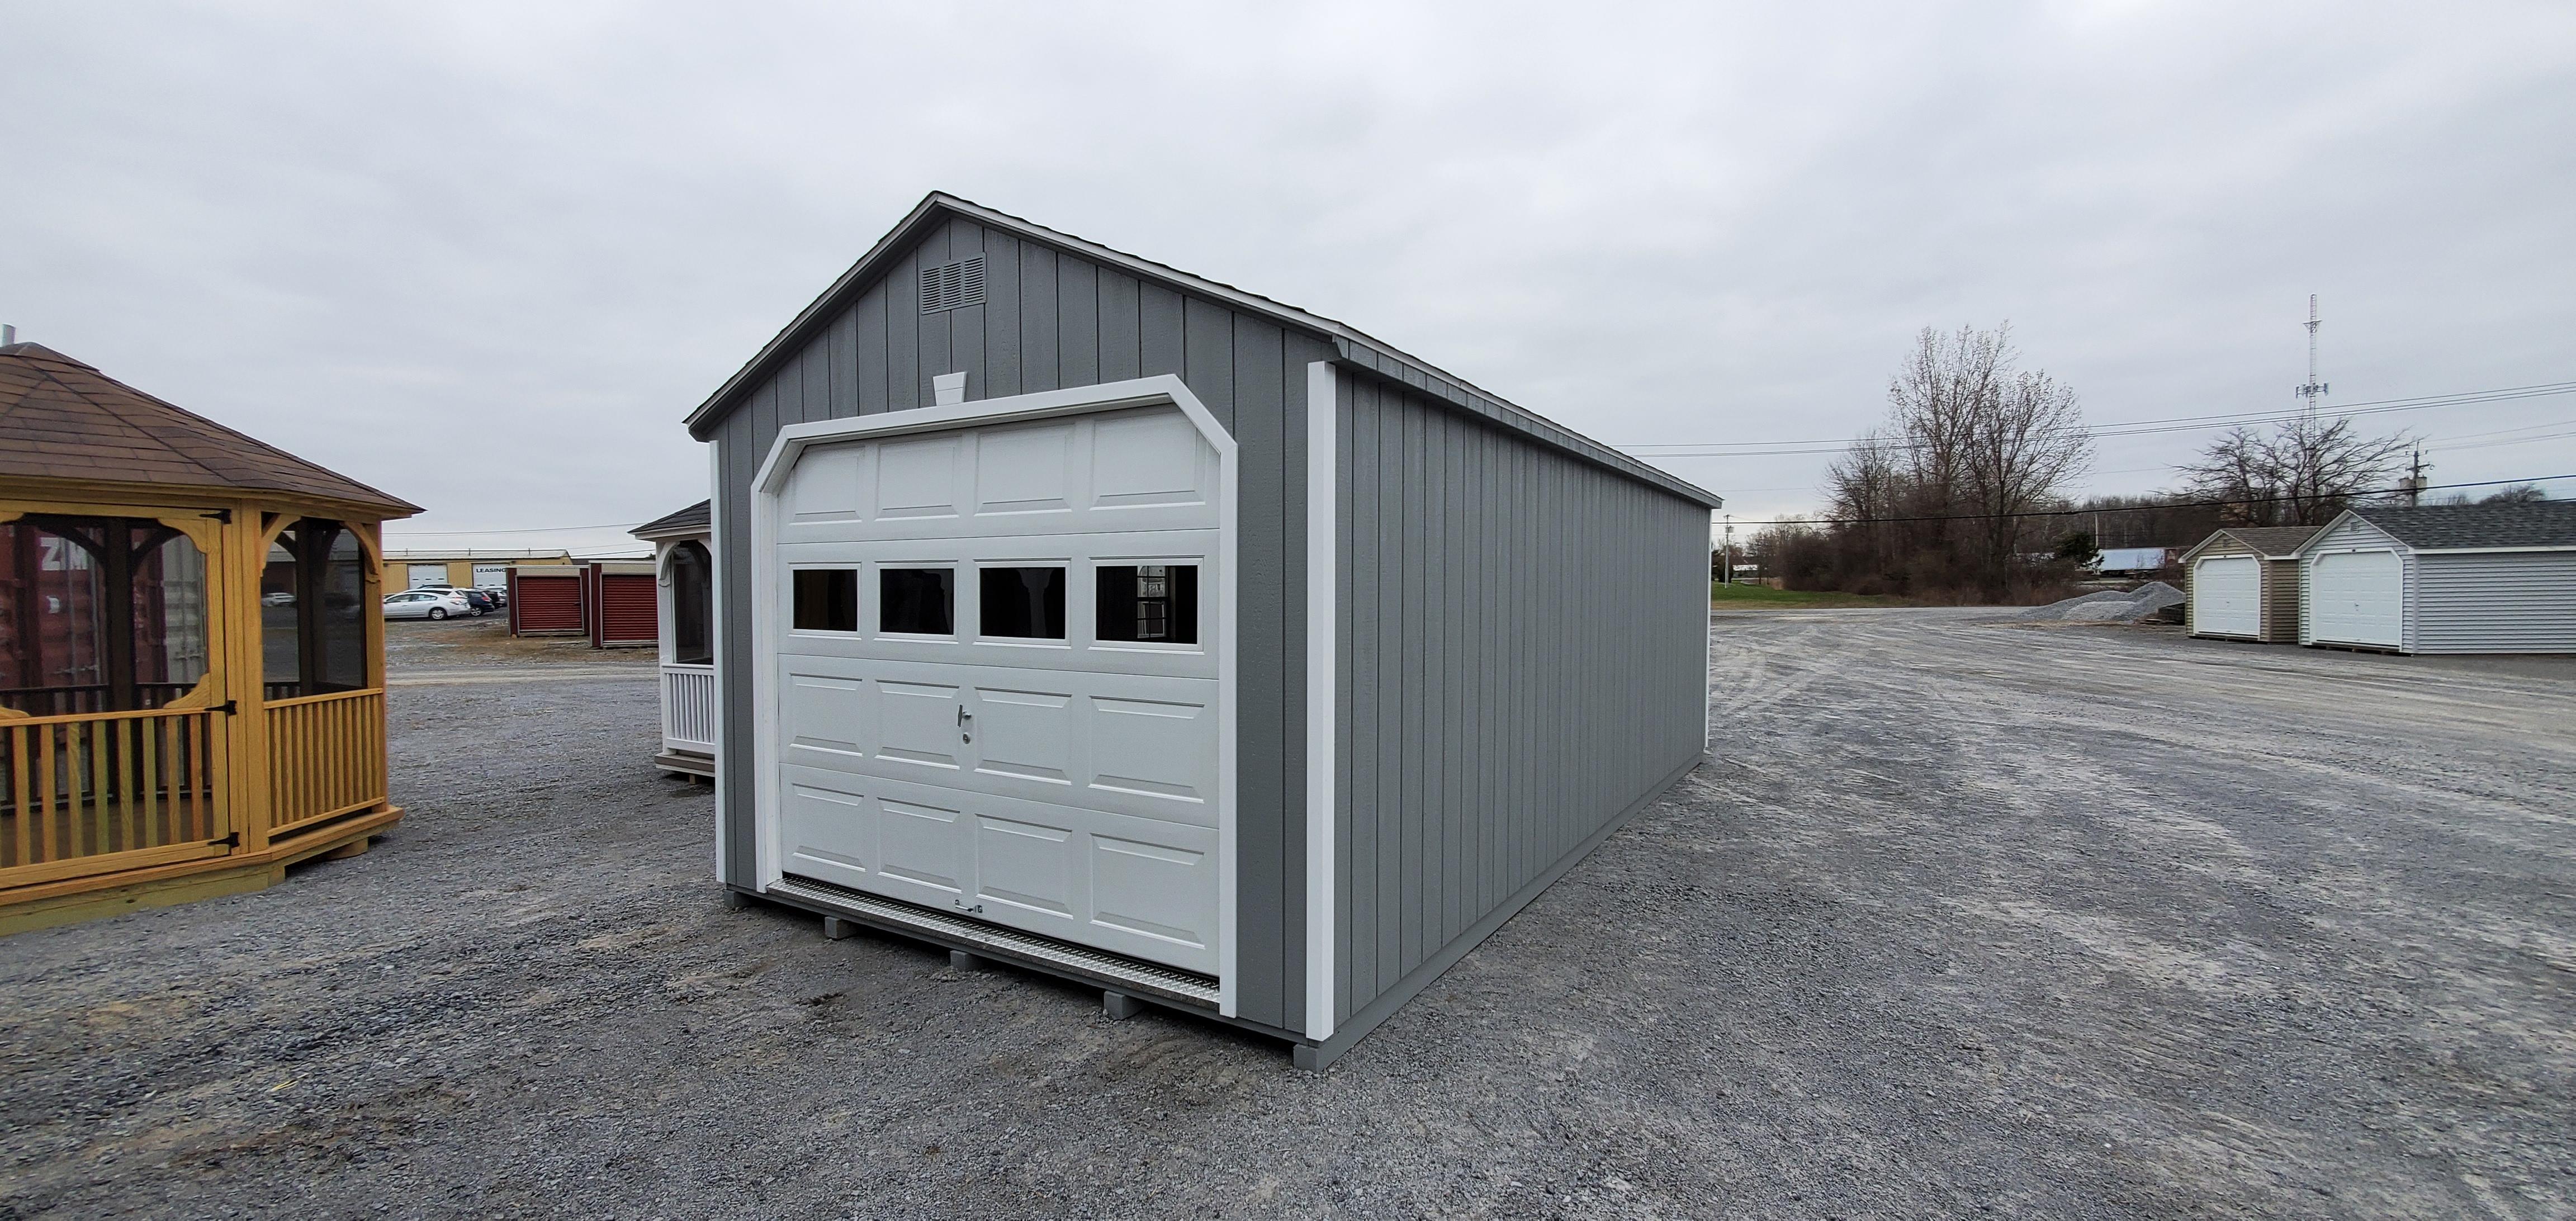 12' X 24' Duratemp Garage : Image 1